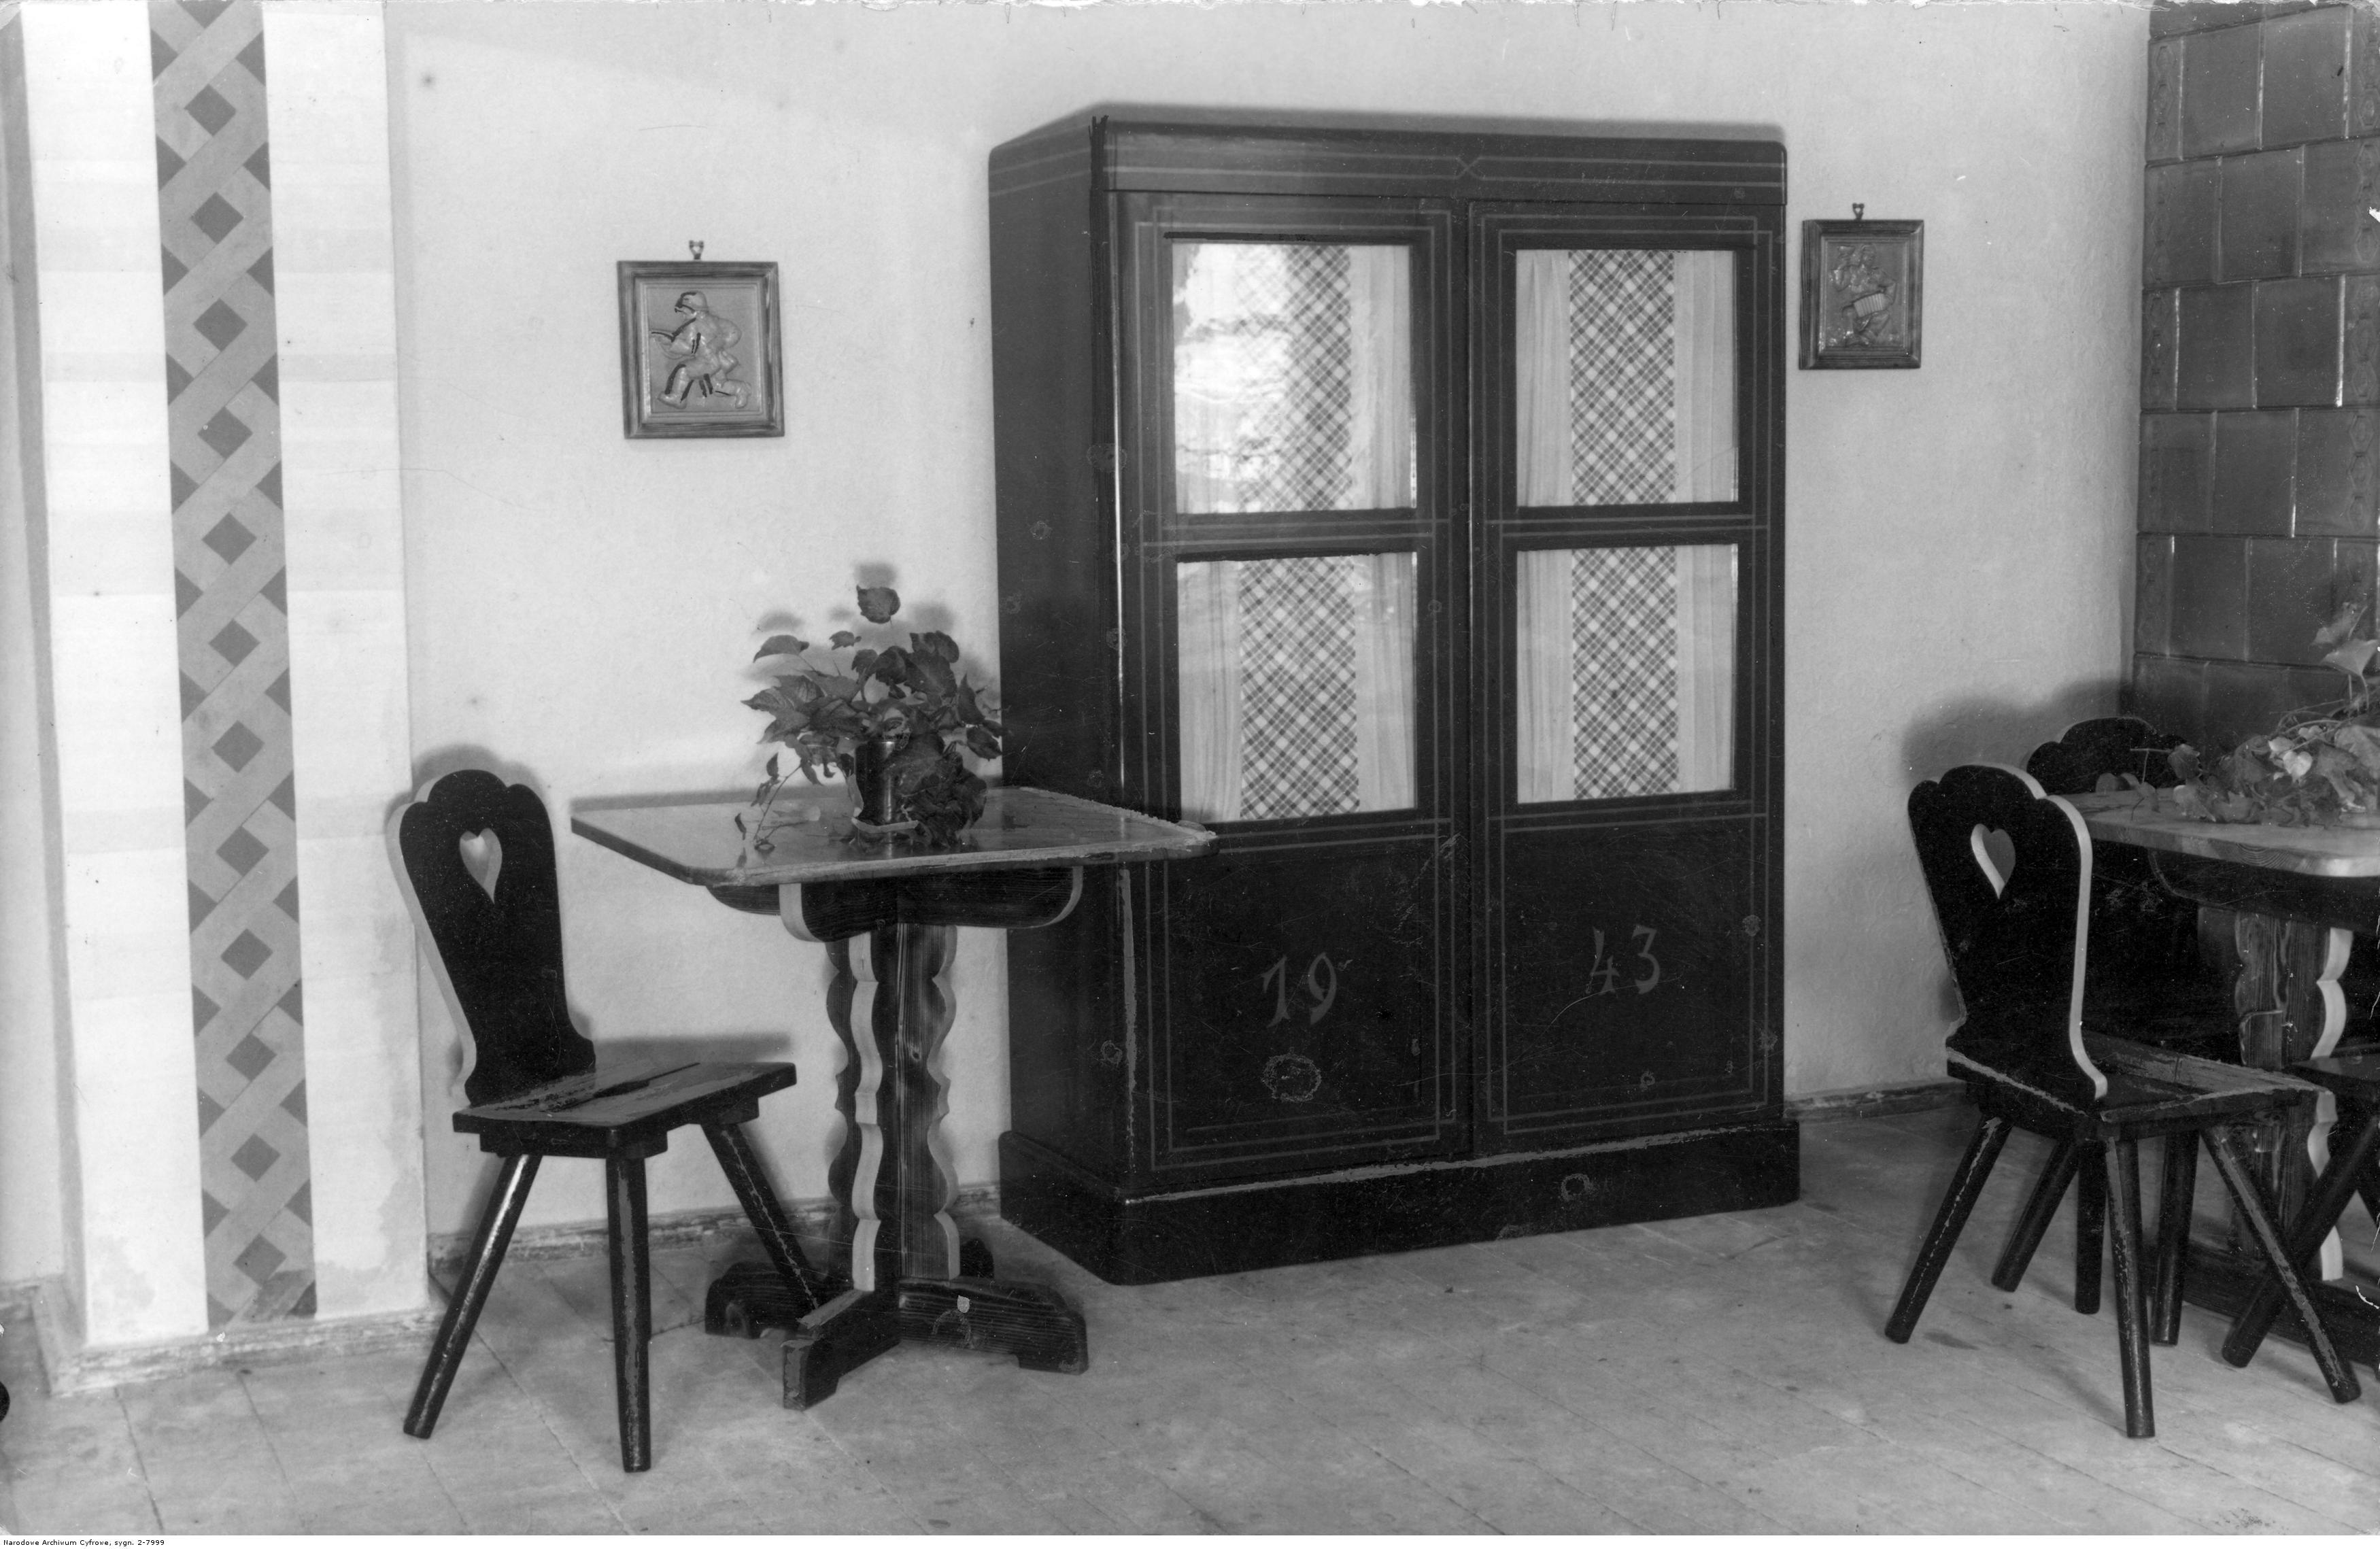 Hotel Reichshof w Rzeszowie, widok pokoju, rok 1940-12